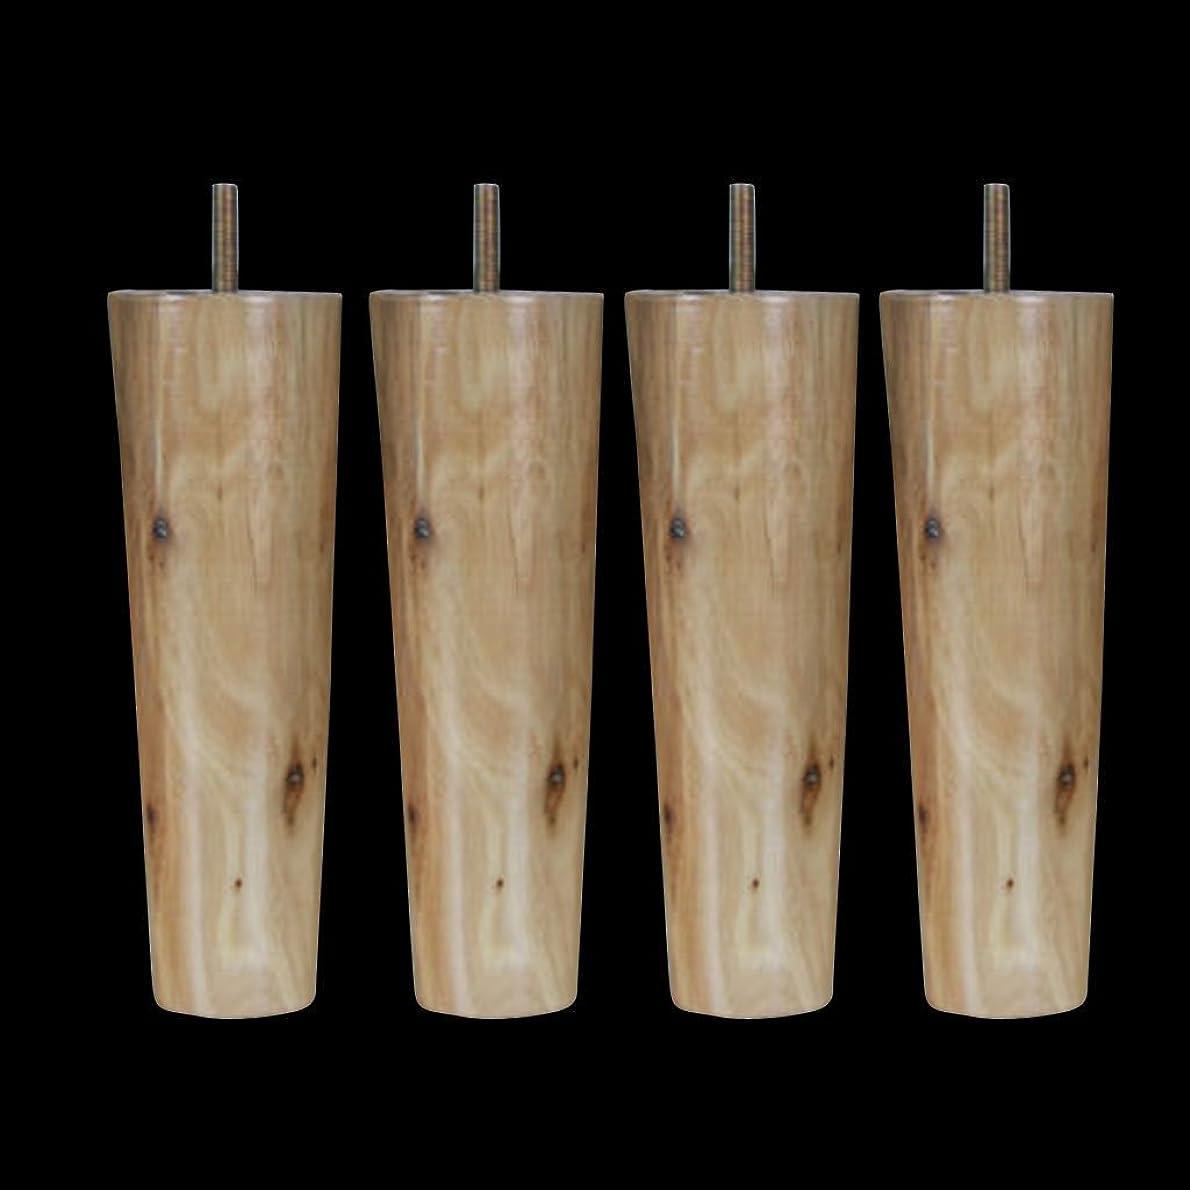 適合する簡単に暴露するホーム インテリア 4本 円錐形状 ユーカリ ソリッド ウッド 家具 脚 3色4サイズ選べる - ナチュラル, 4.5*6.5*20cm